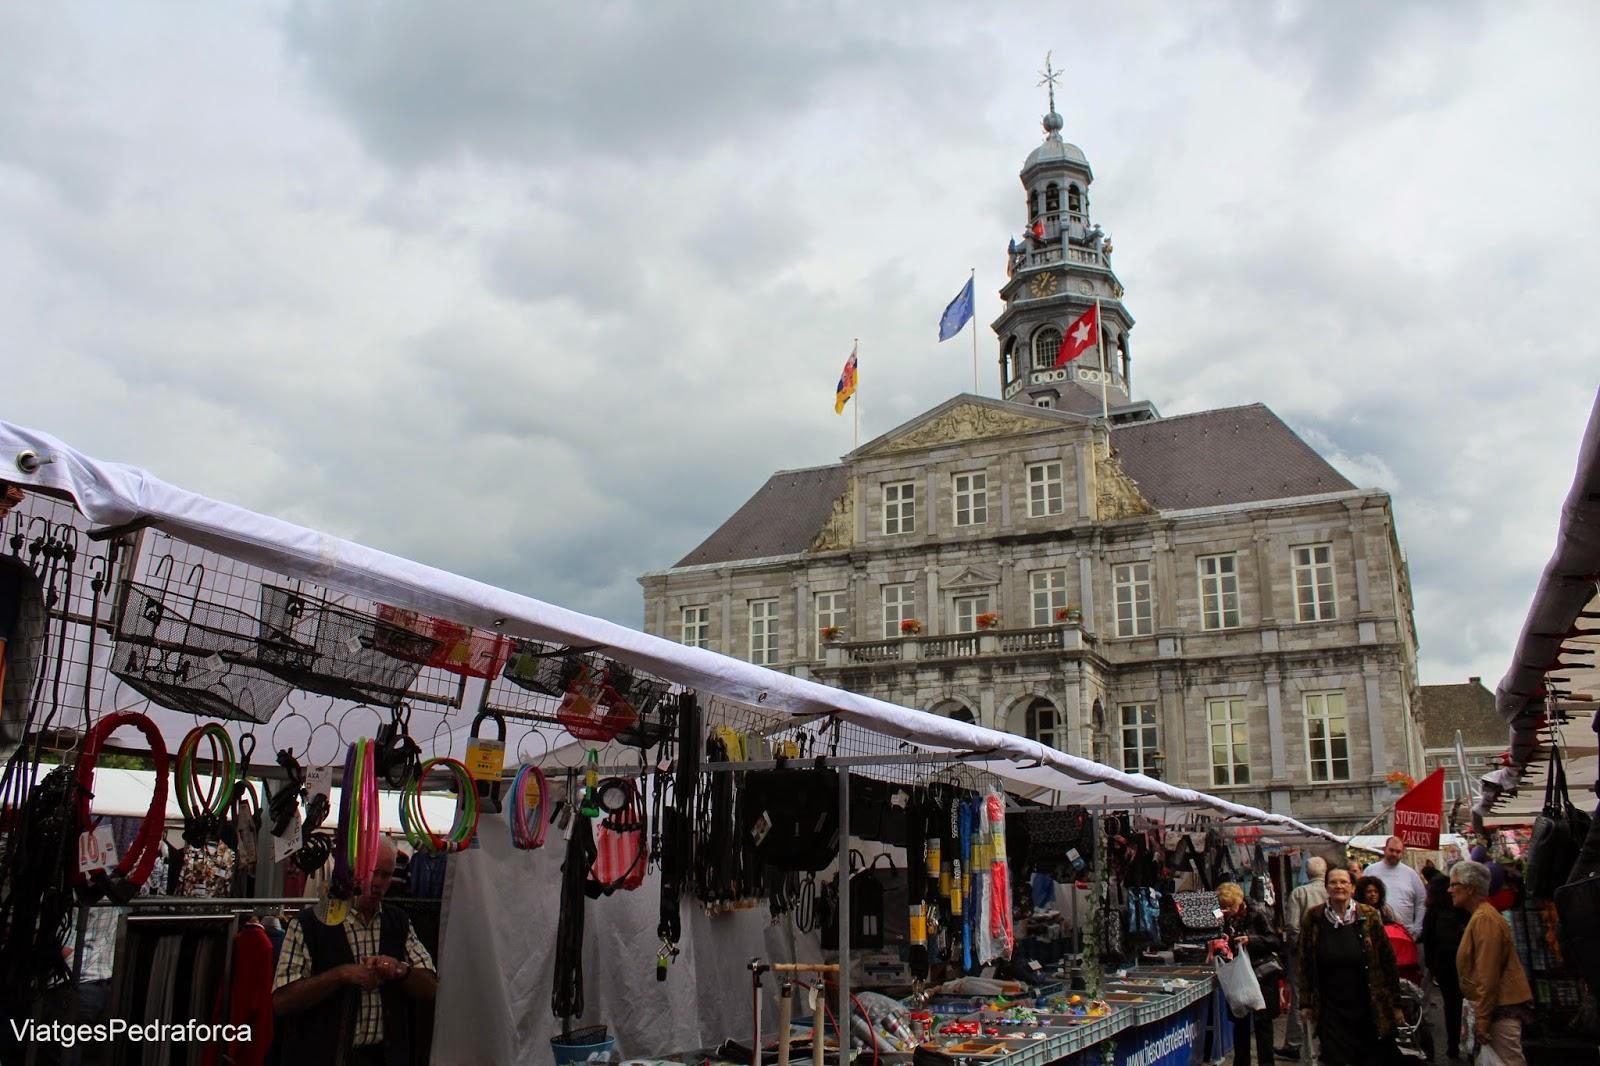 Ajuntament de Maastricht mercat Països Baixos